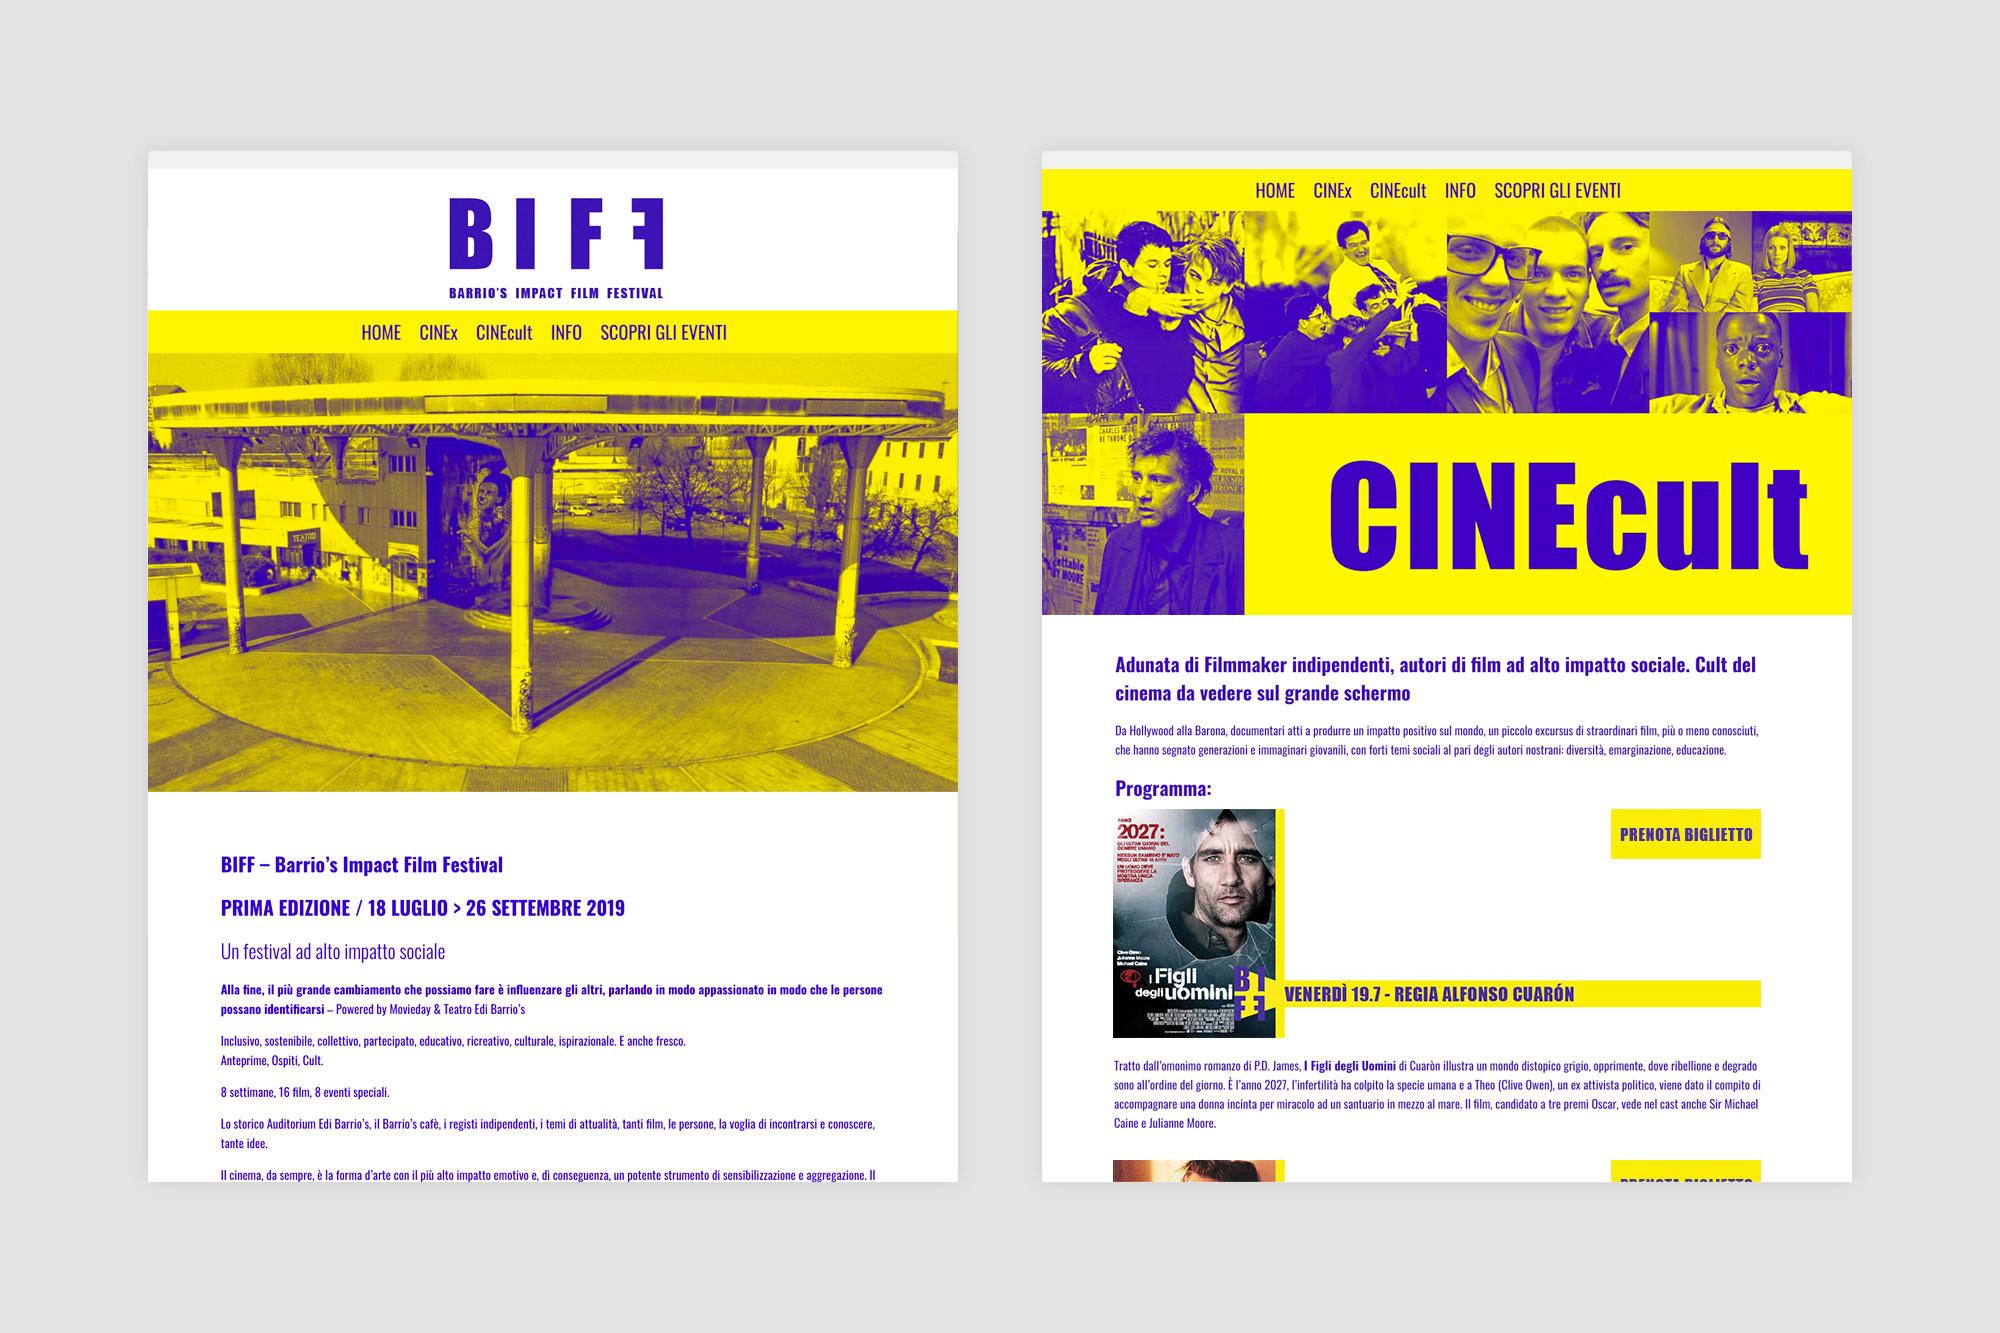 BIFF website made in WordPress